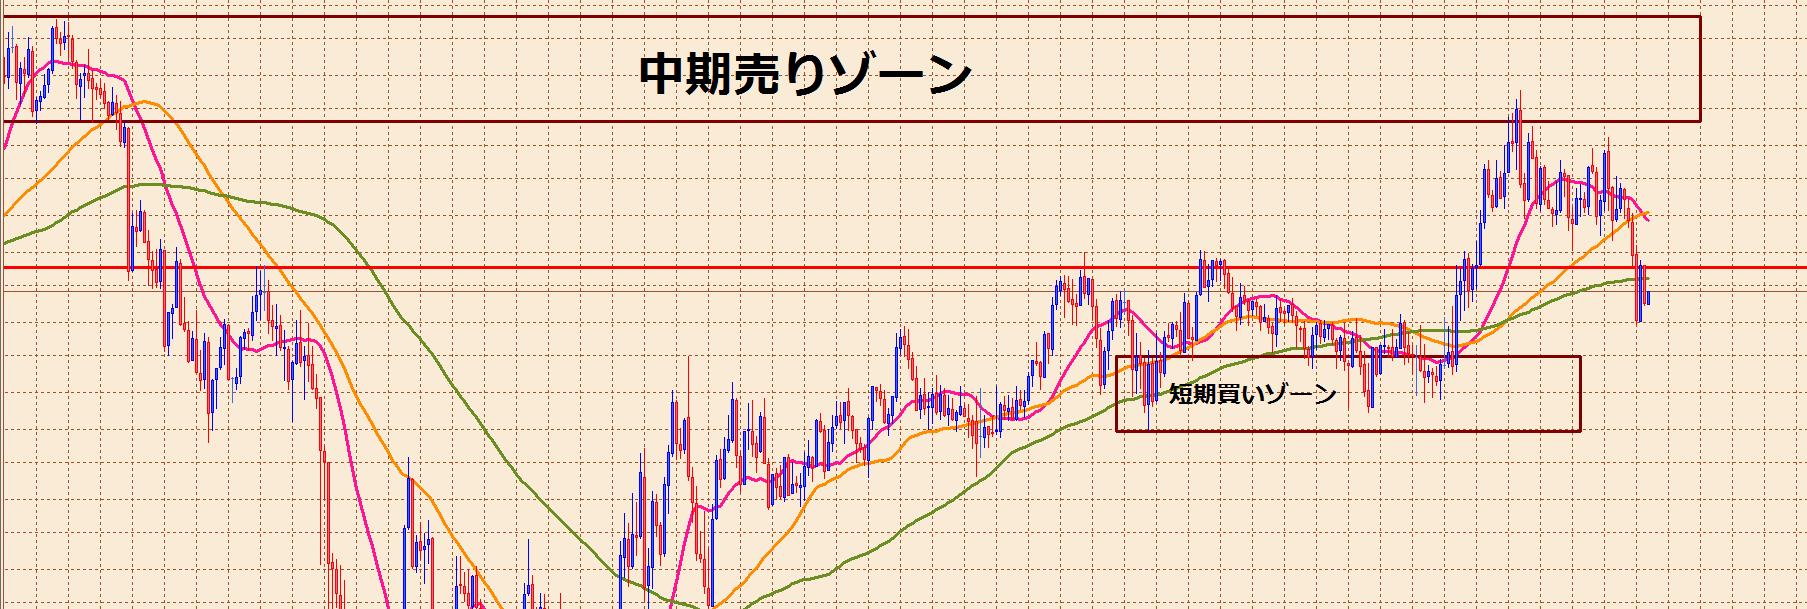 ユロ円中期2